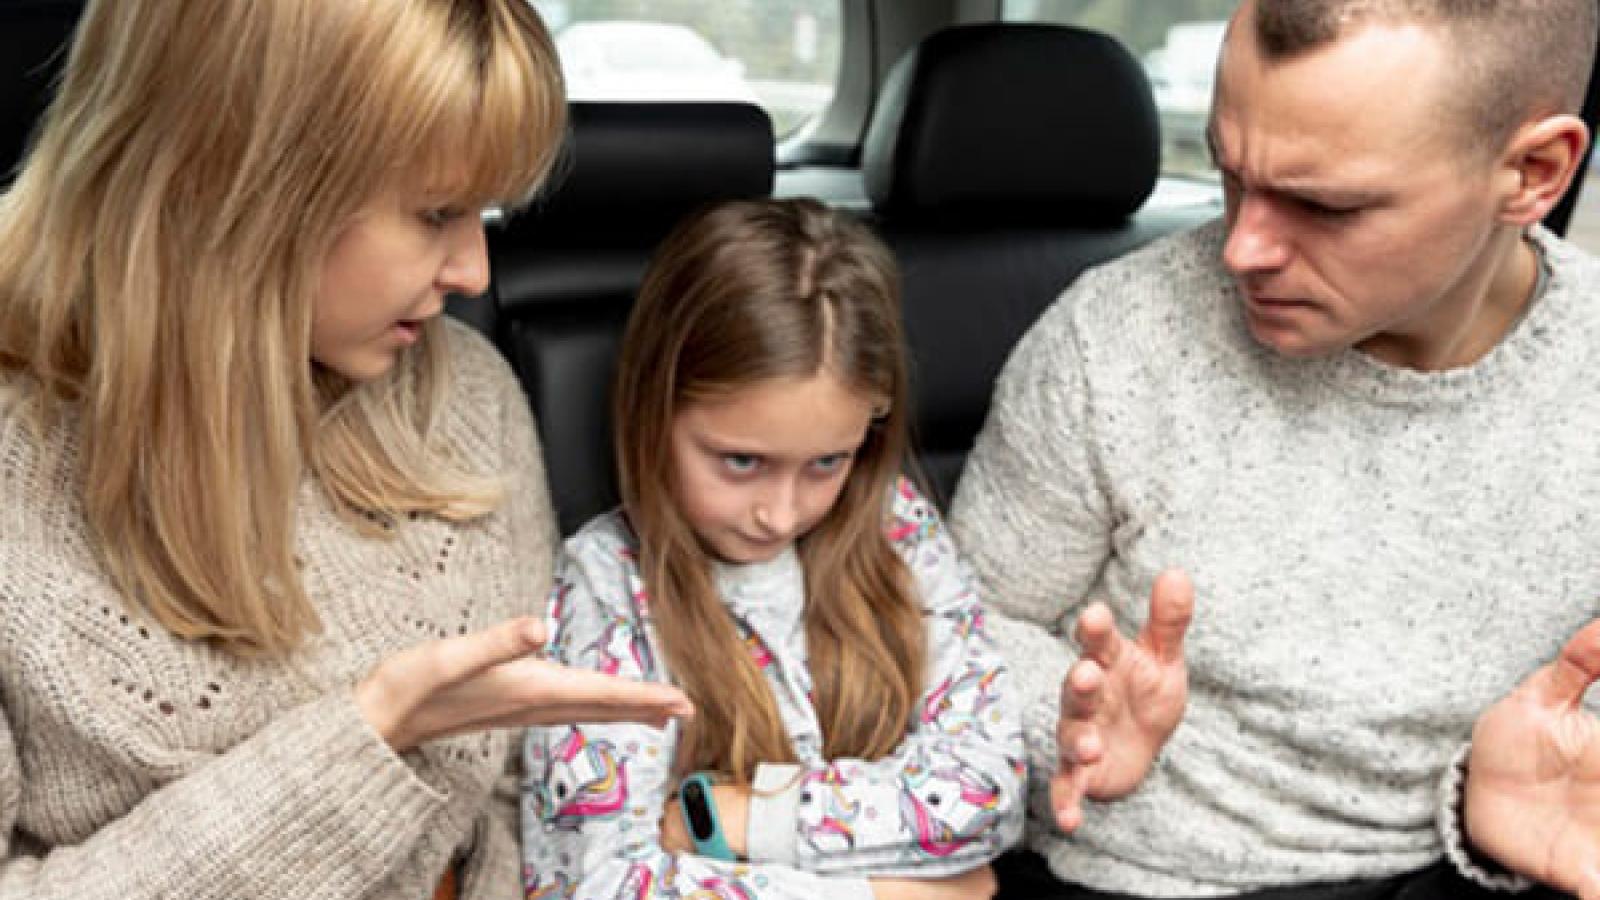 6 lý do tại sao cha mẹ không thể hiểu được nhu cầu cảm xúc của con cái